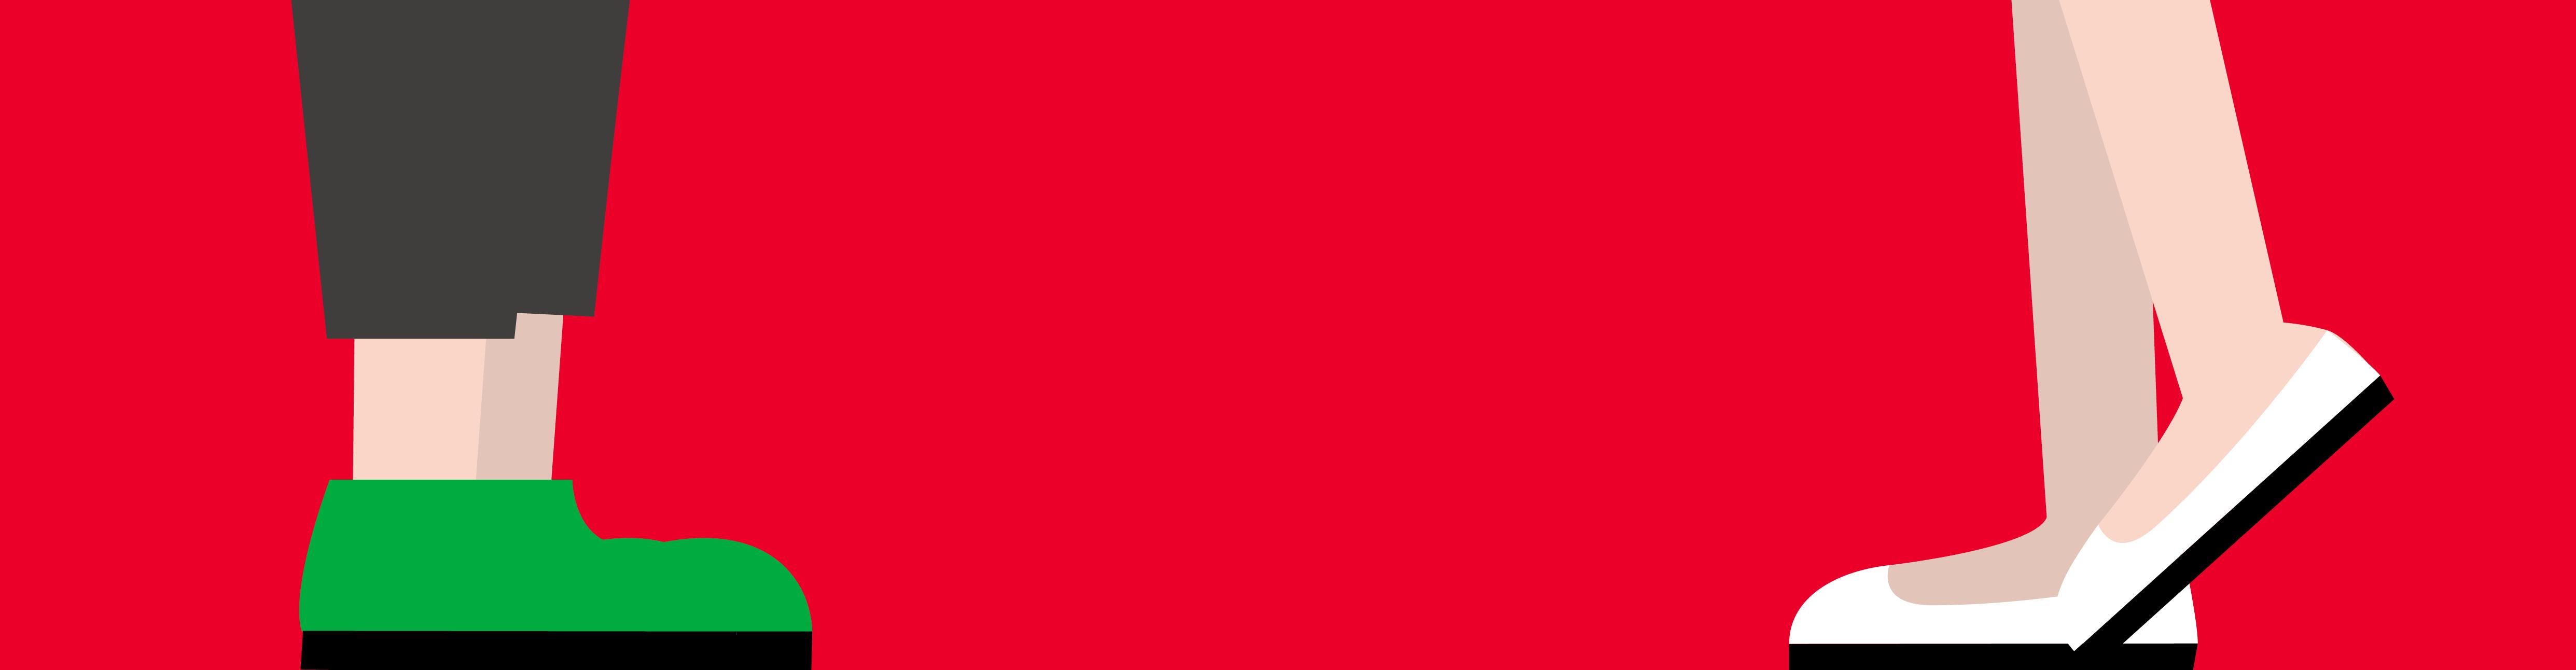 banniere-site-corporate-1192-x-310-carriere-votre-avenir